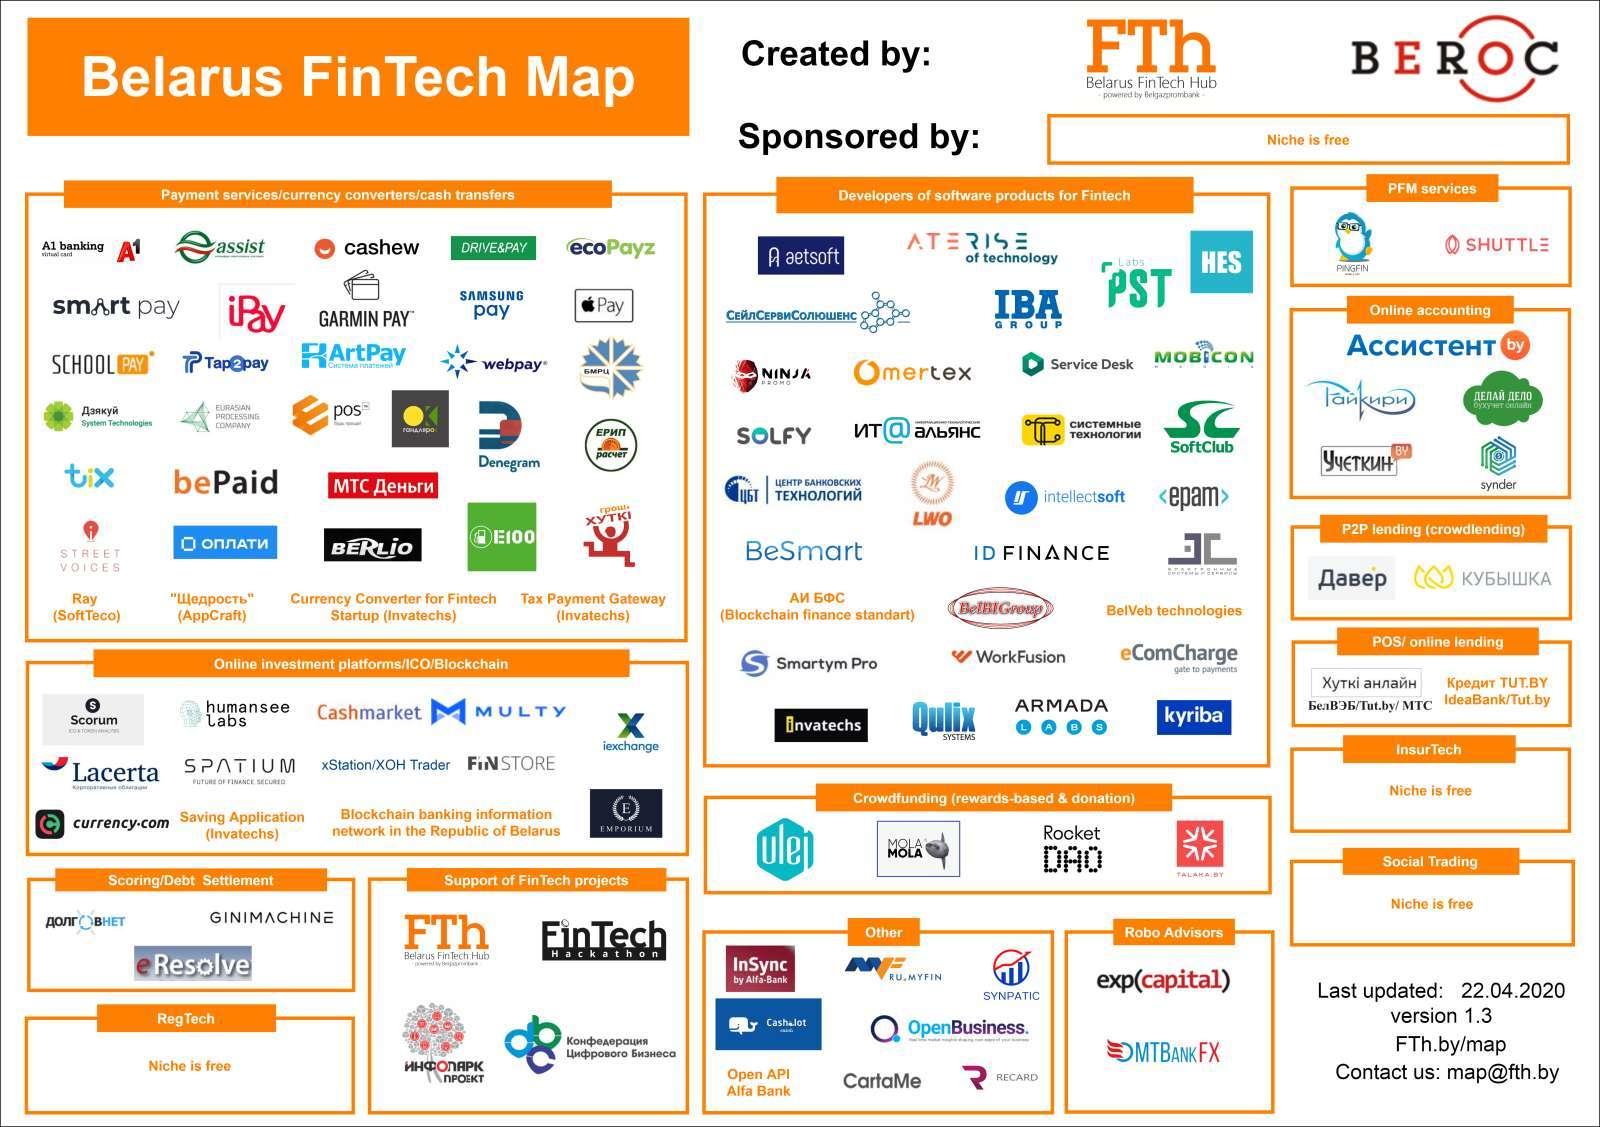 Belarus Fintech Map